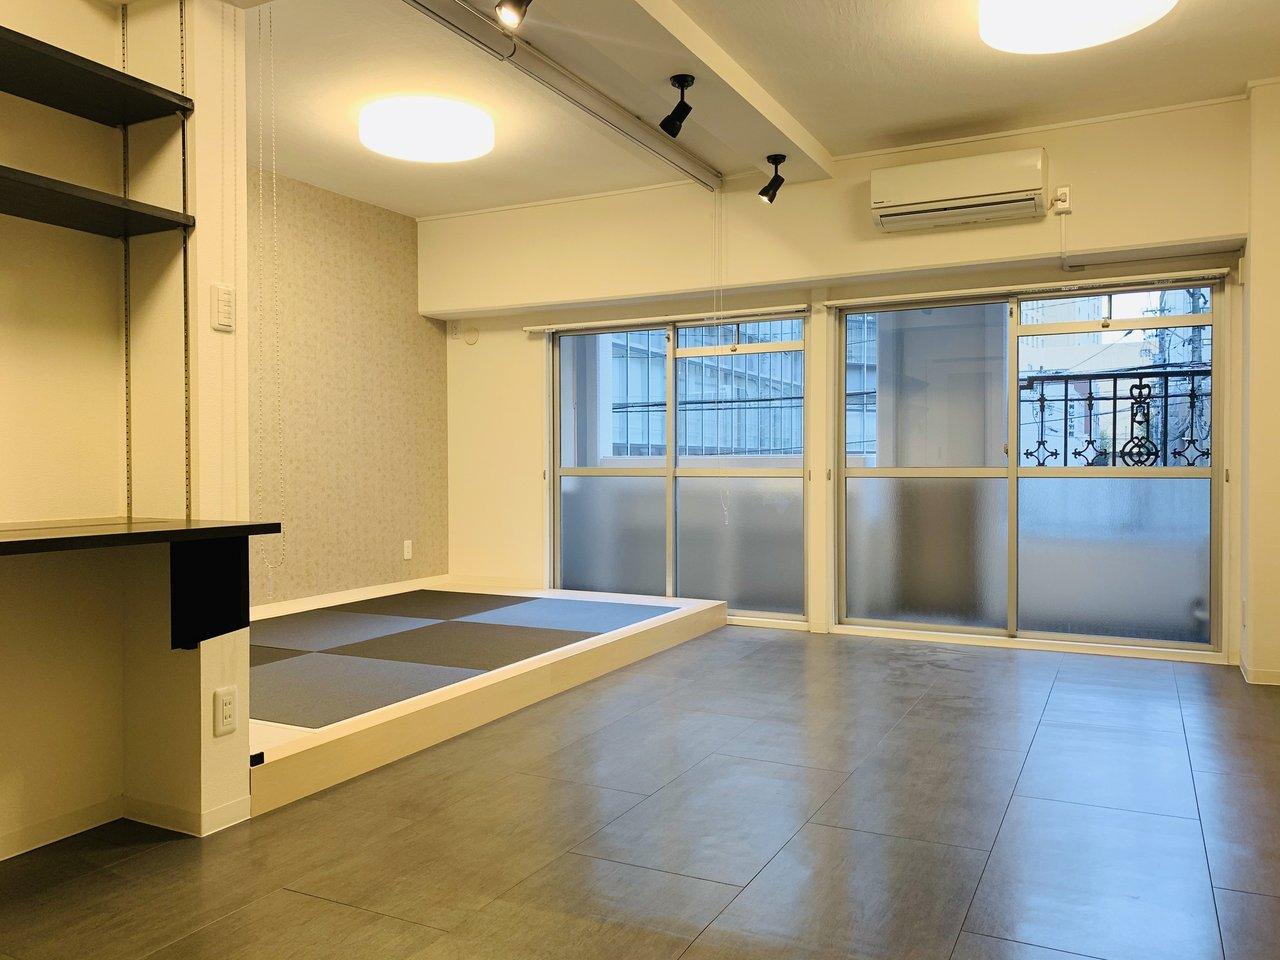 名古屋駅から徒歩15分。とっても便利な場所にできた1LDKのリノベーション物件です。部屋全体はモノクロカラーで統一されています。奥に見える部分は琉球畳が敷かれていて、和モダンな印象に。